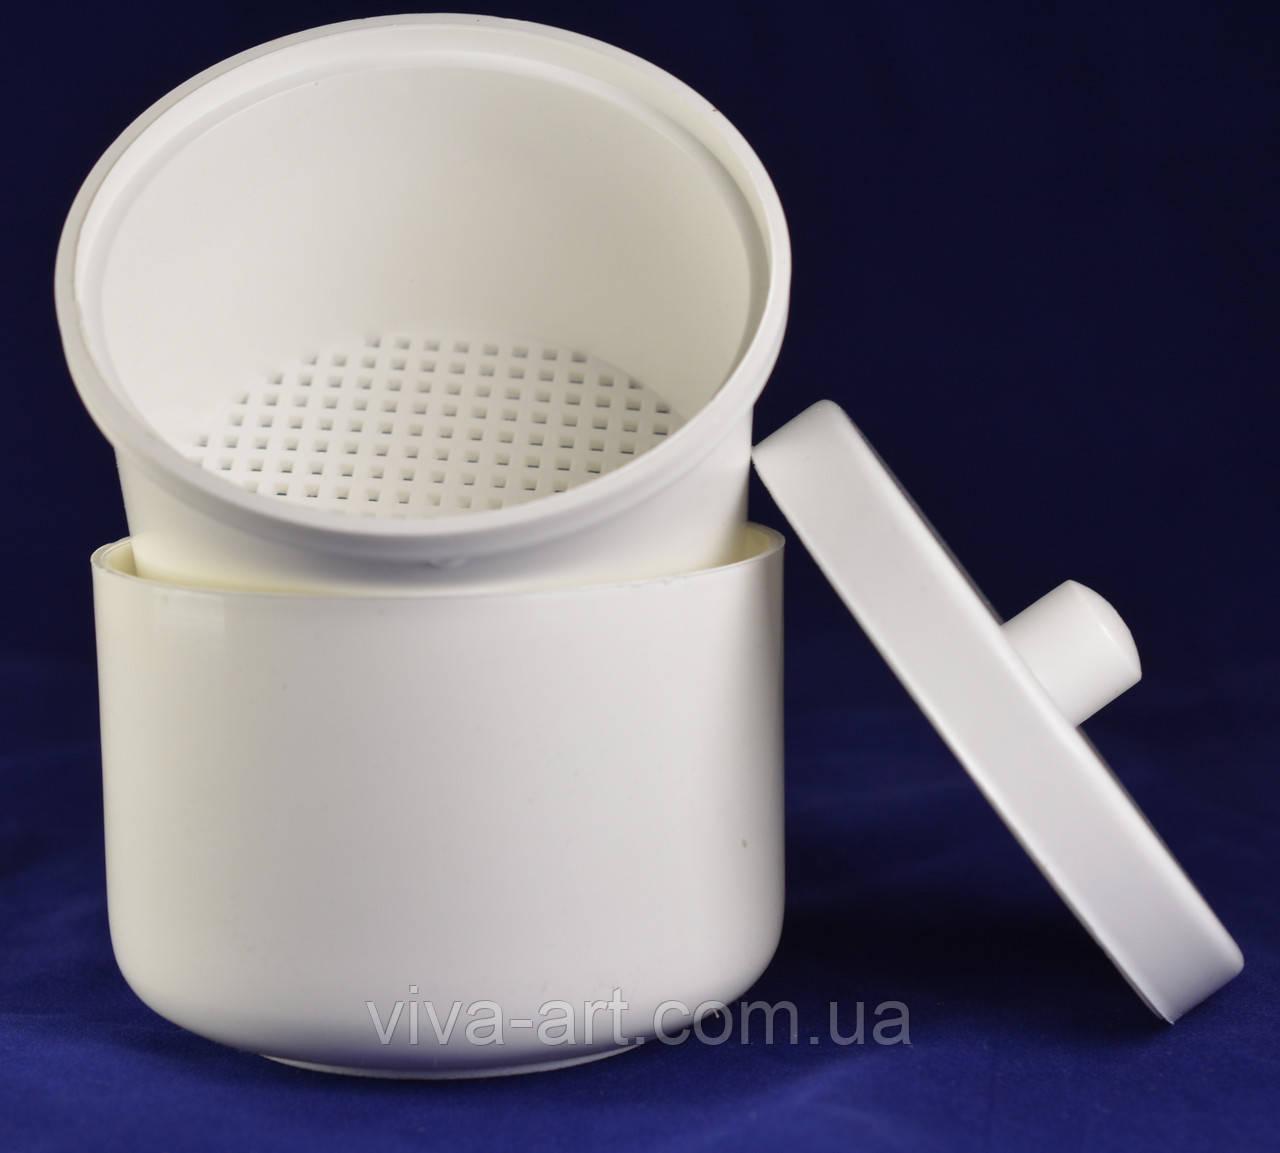 Контейнер зі вставкою для дезінфекції насадок білого кольору